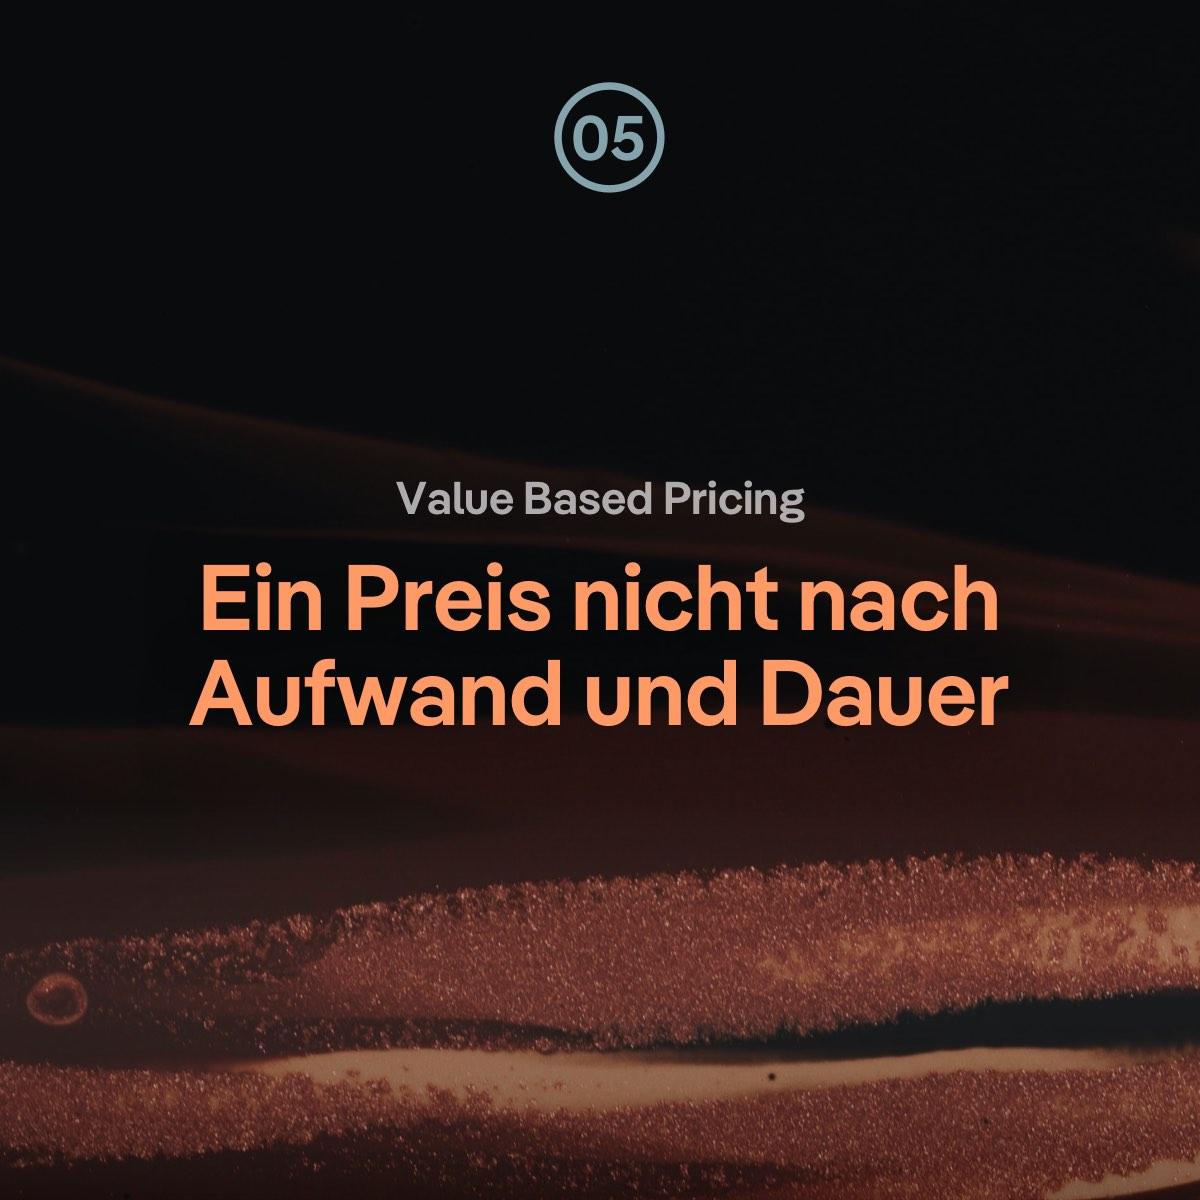 VBP: Webdesign Preis nicht nach Aufwand und Dauer sondern nach Zielen